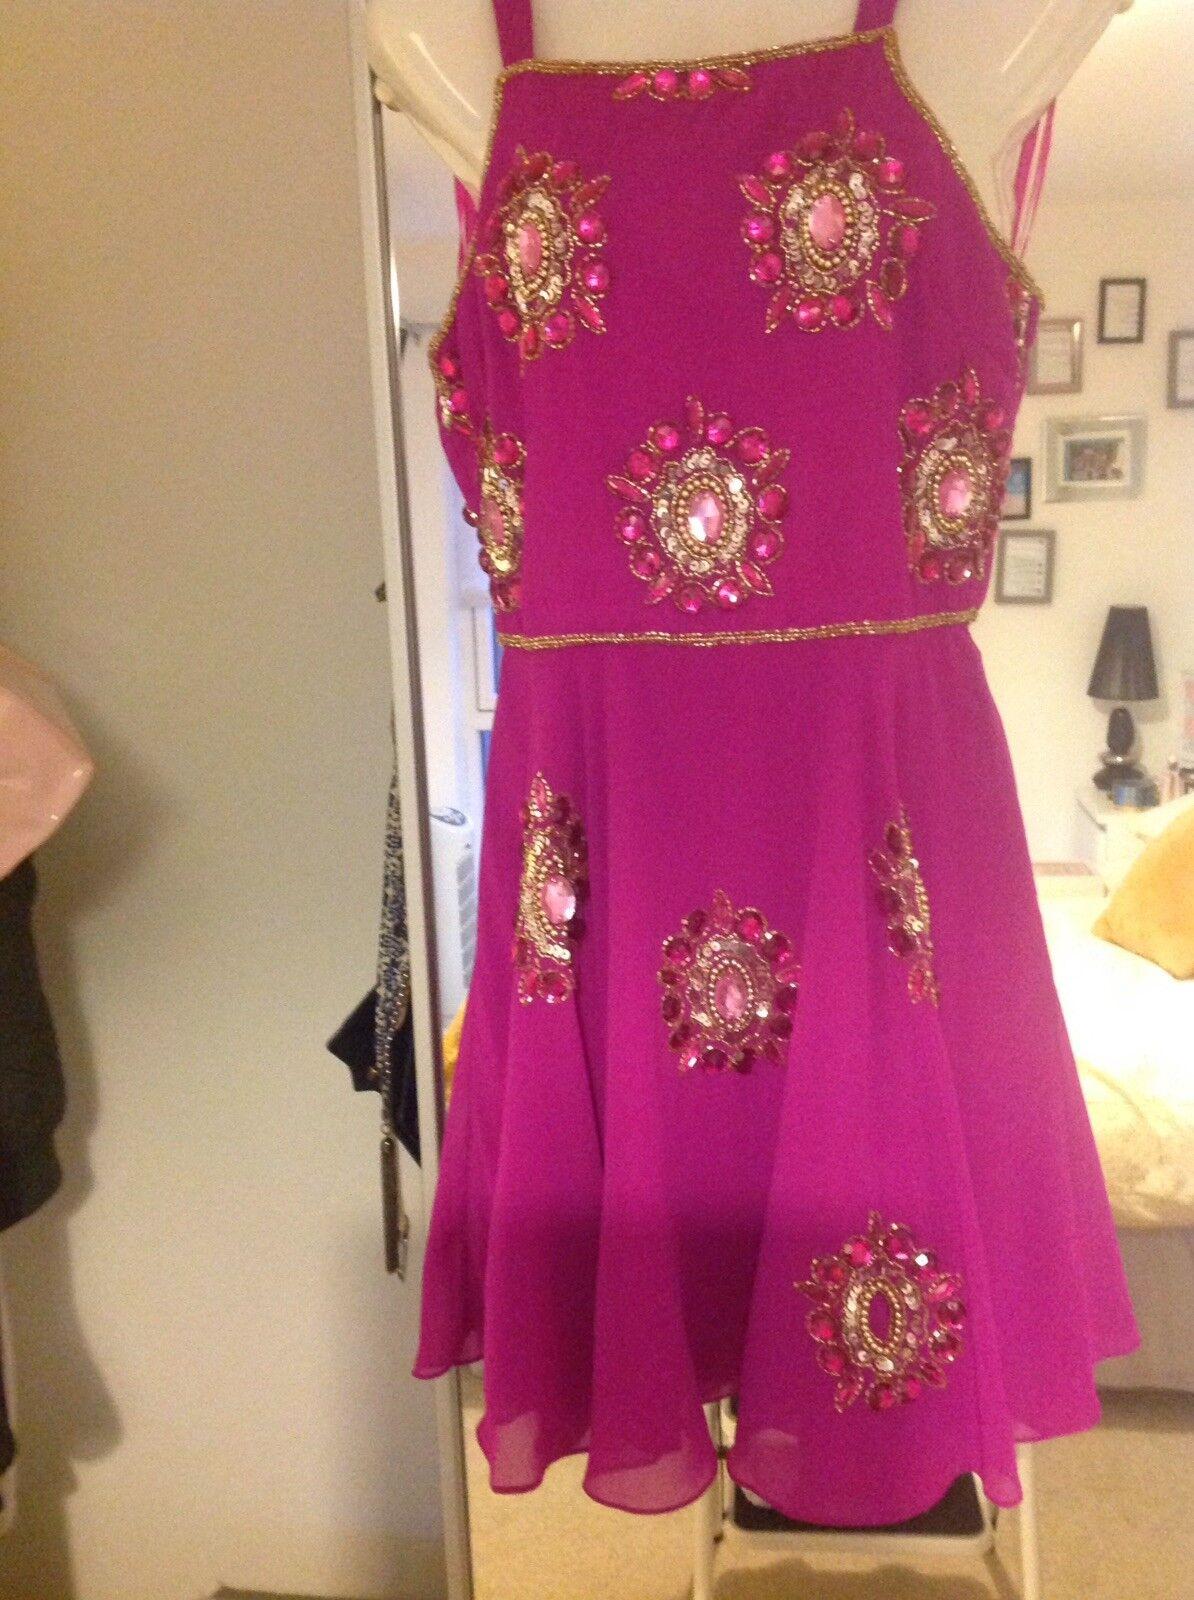 Virgos Lounge Pink Sparkling Dress